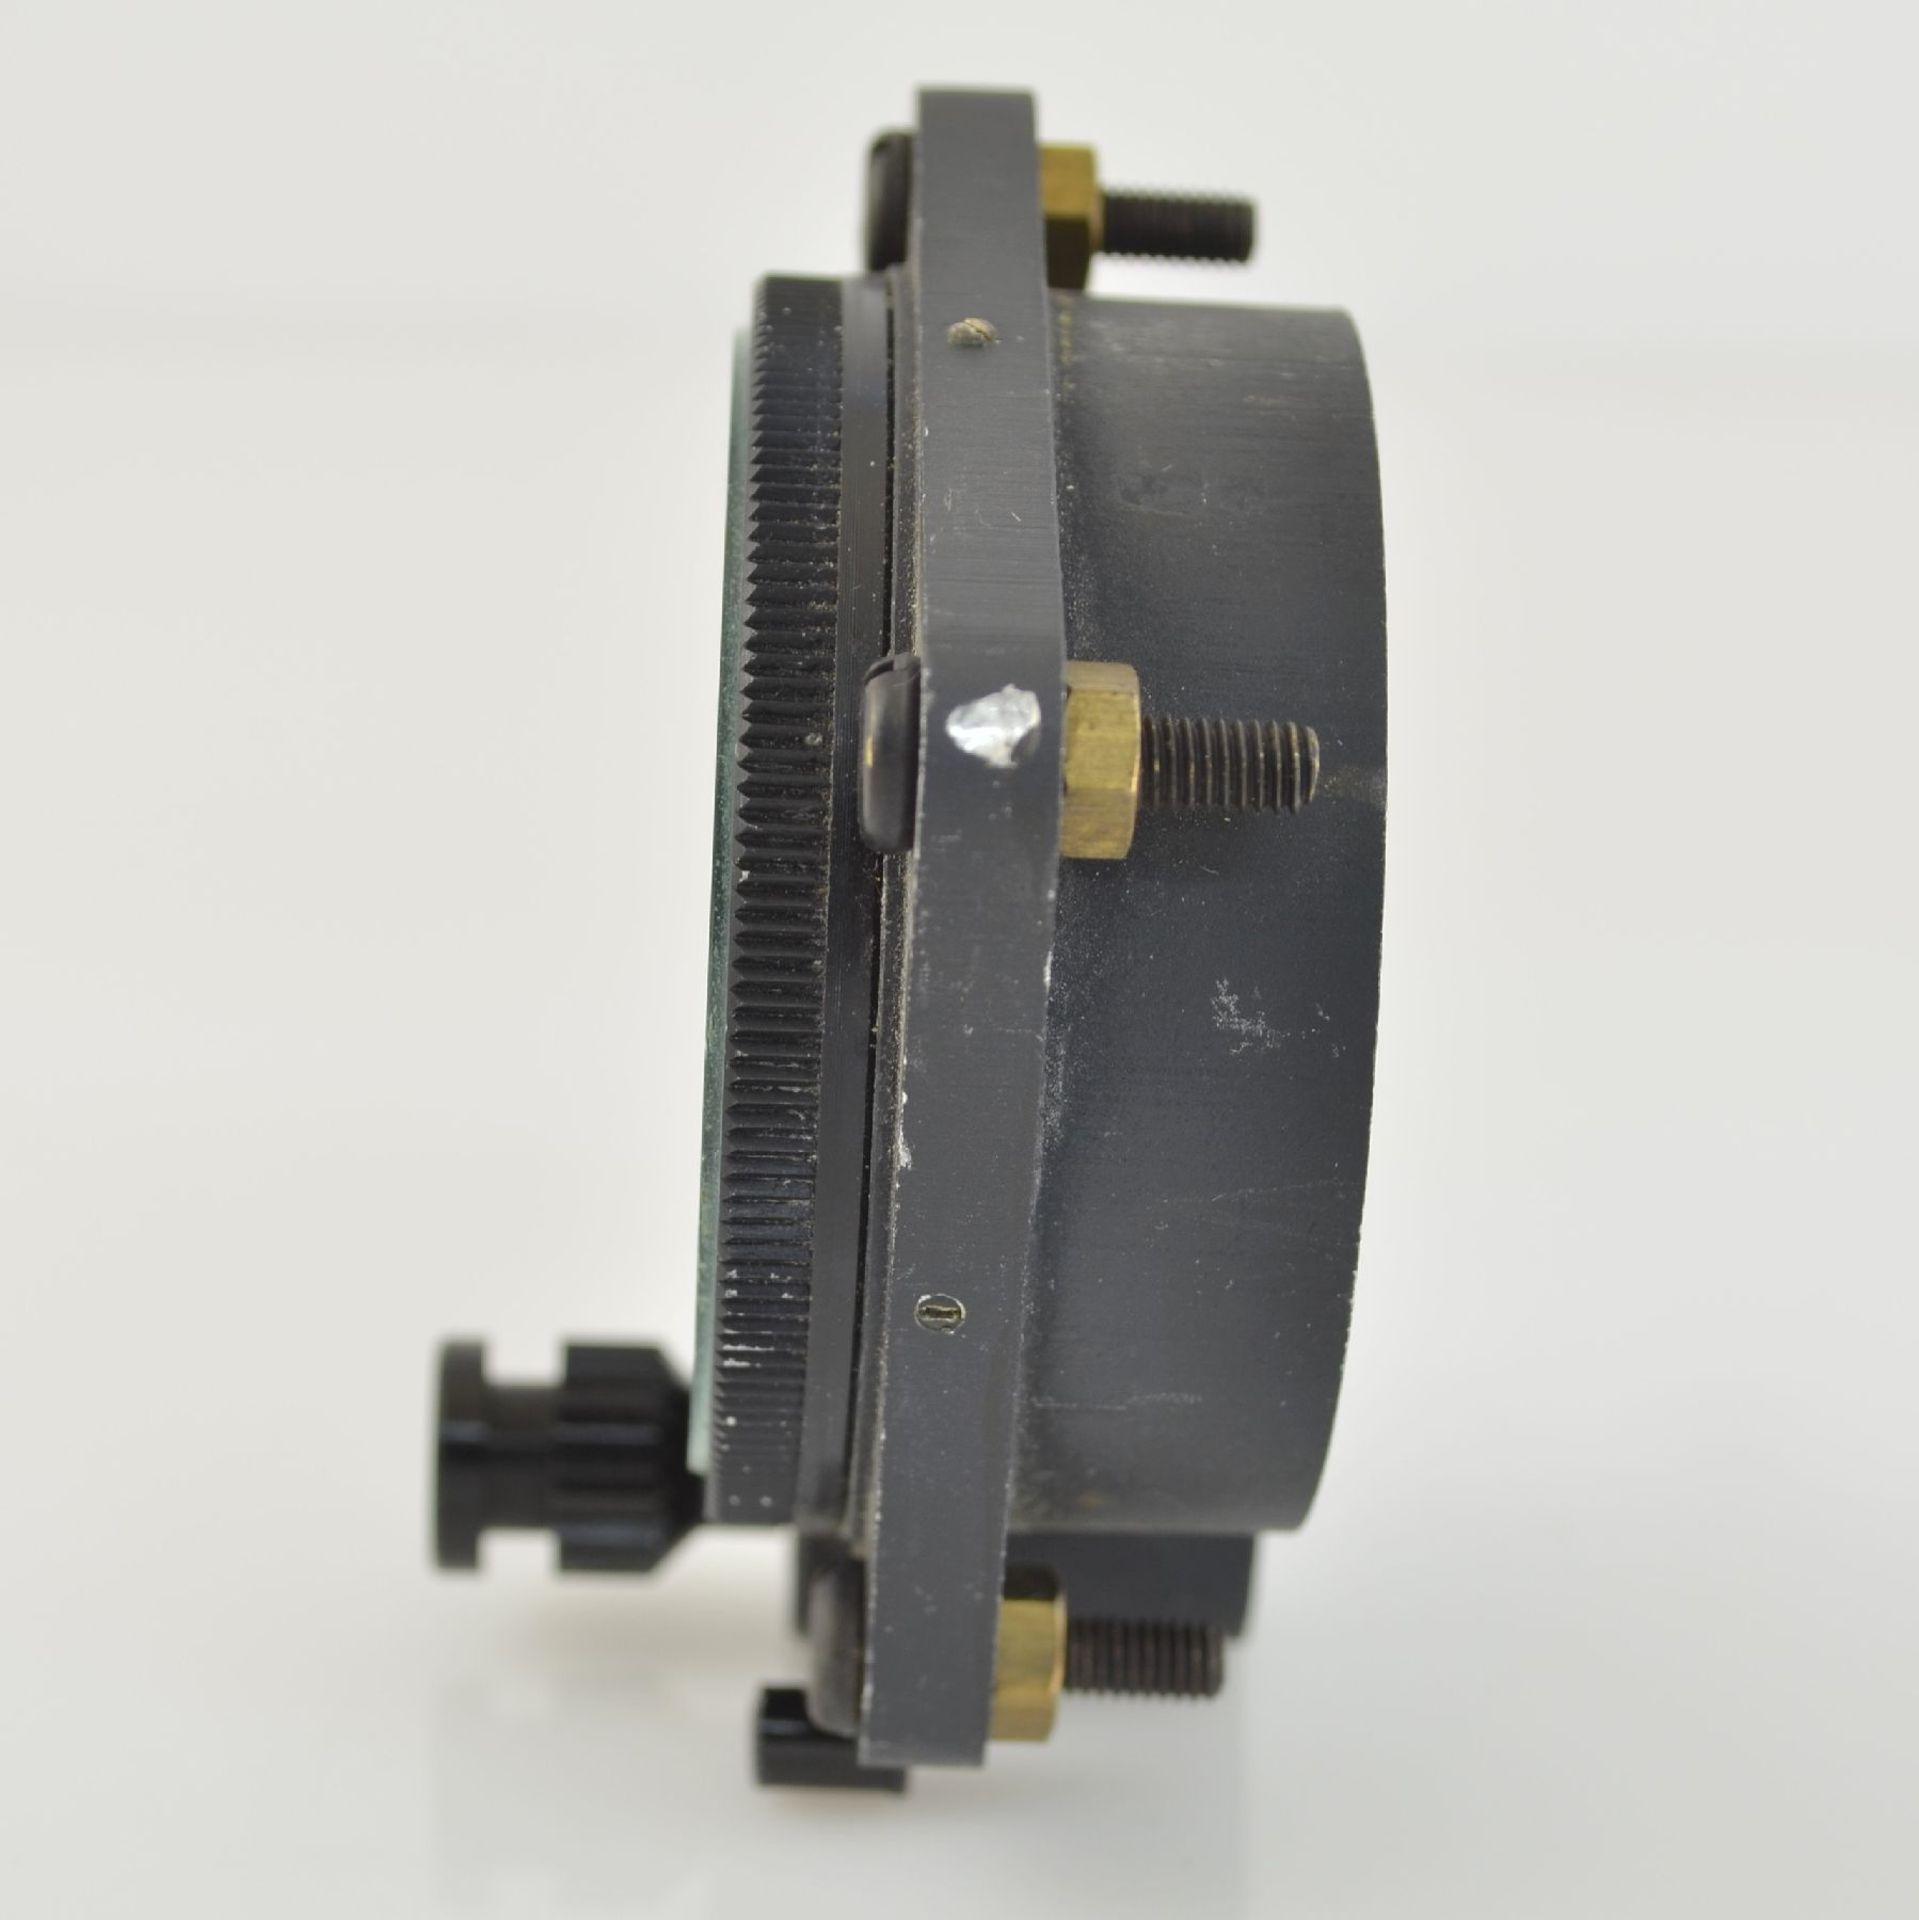 SPORTING TYPE 11 Borduhr mit Chronograph (Dashboard), Schweiz um 1970, geschwärztes Metallgeh., - Bild 4 aus 7